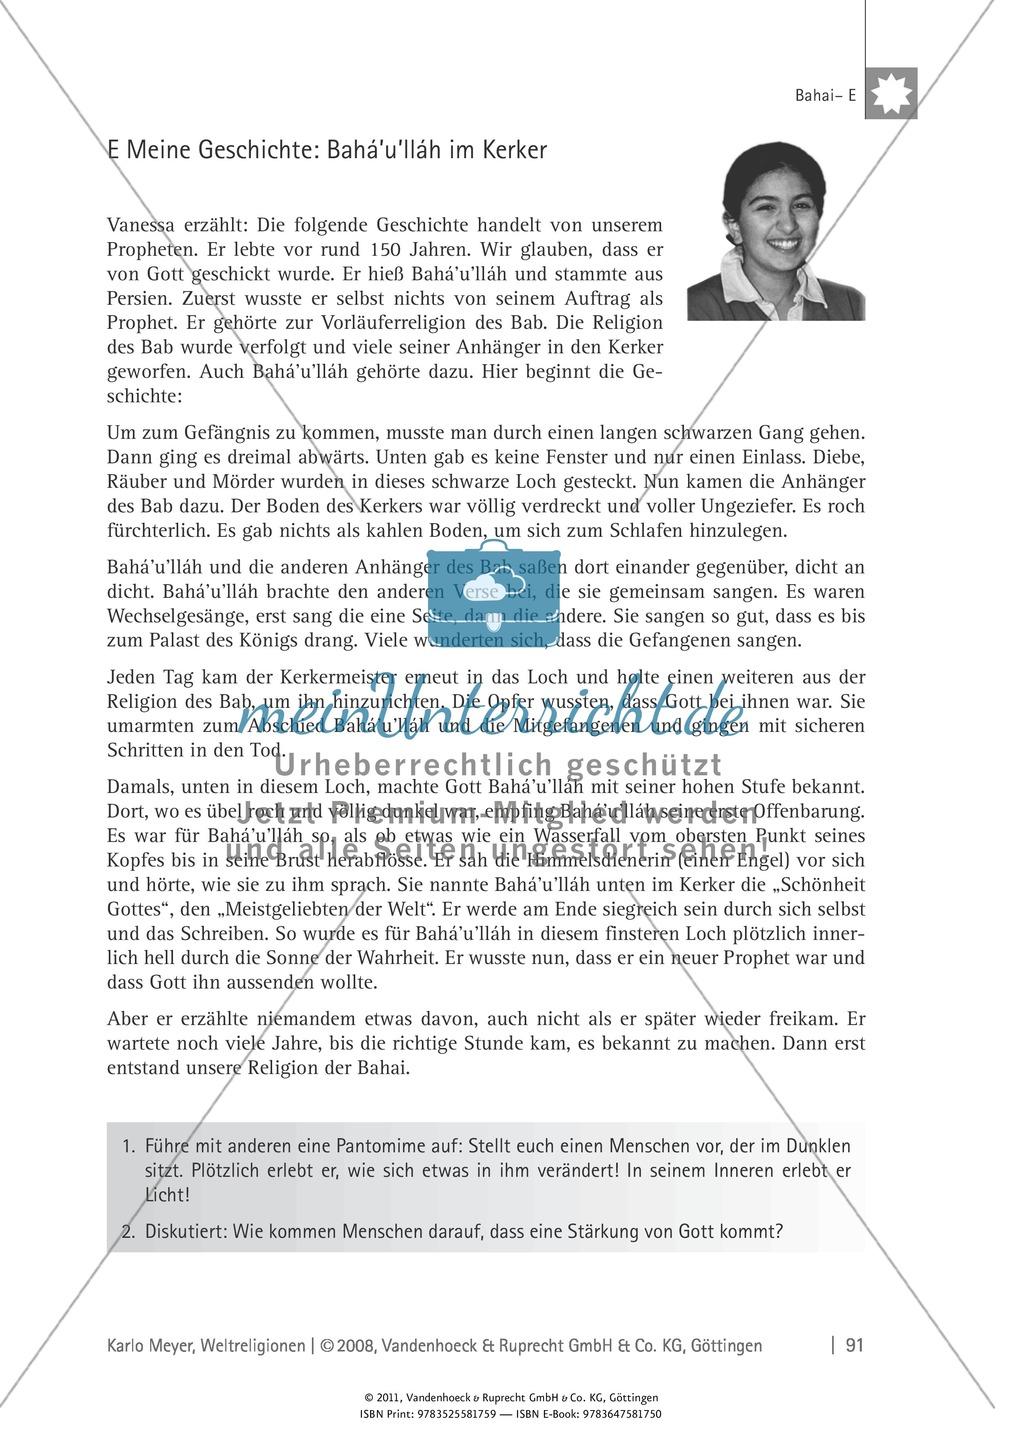 Weltreligionen: Die Lehre des Bahai Preview 10